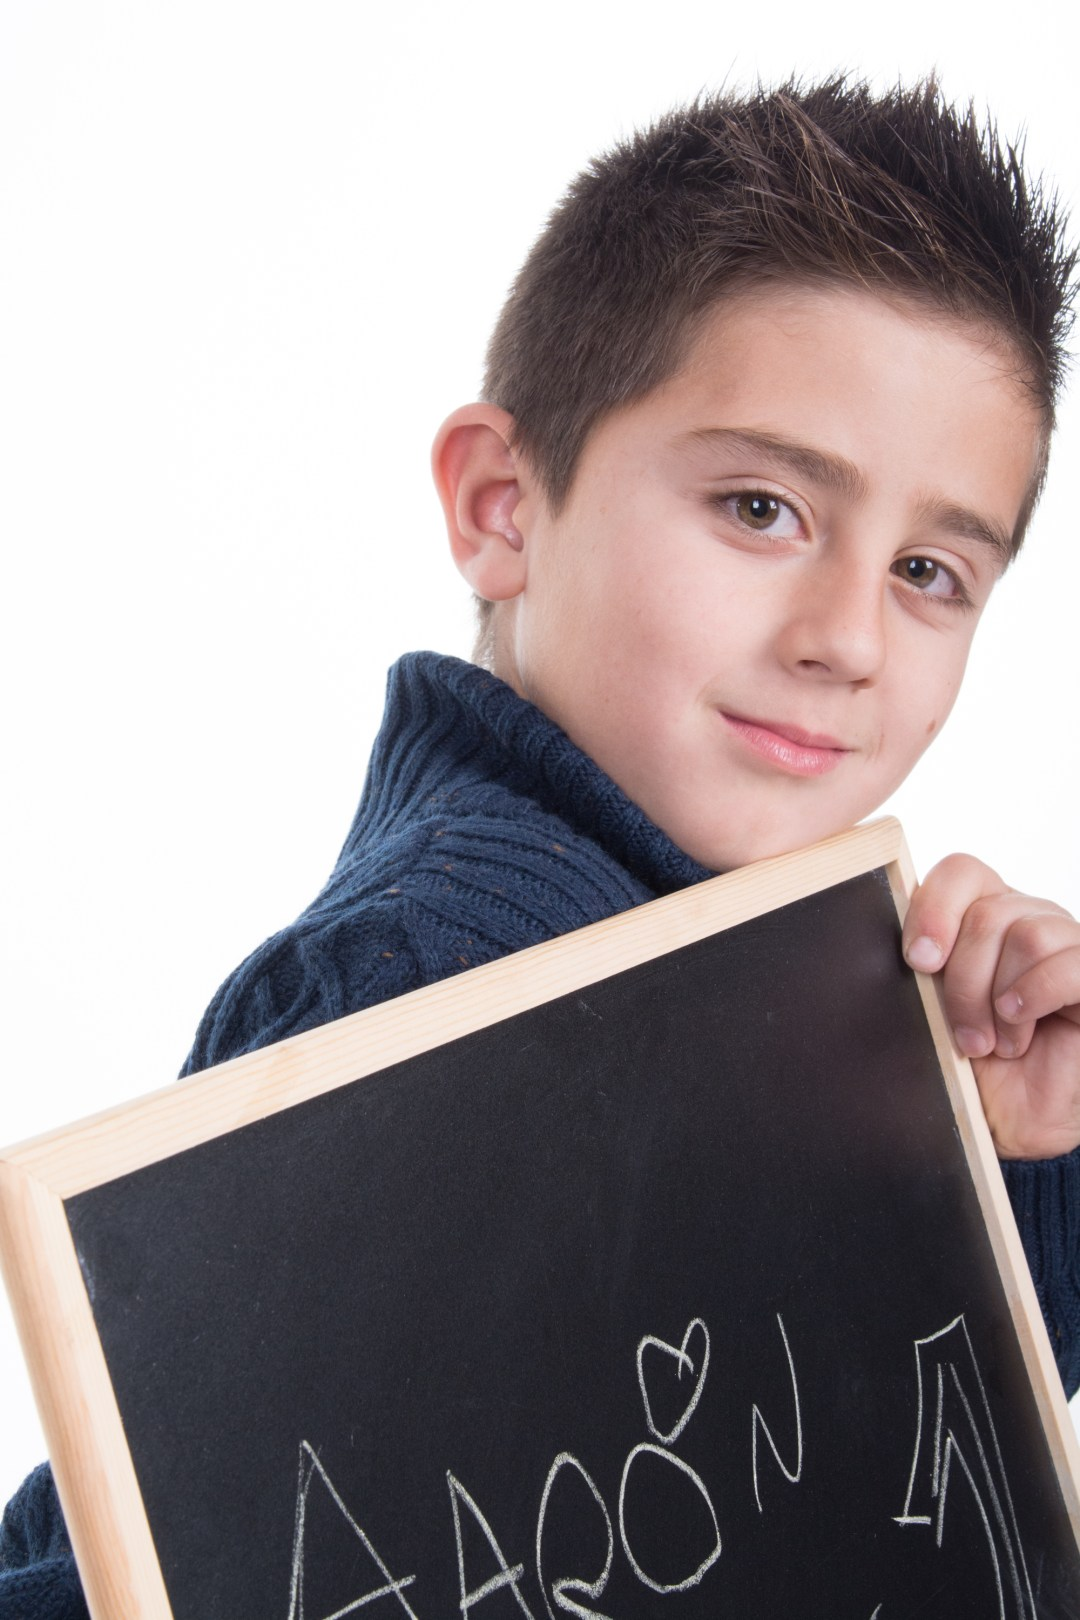 kidsfoto.es Reportaje fotografía infantil AARON